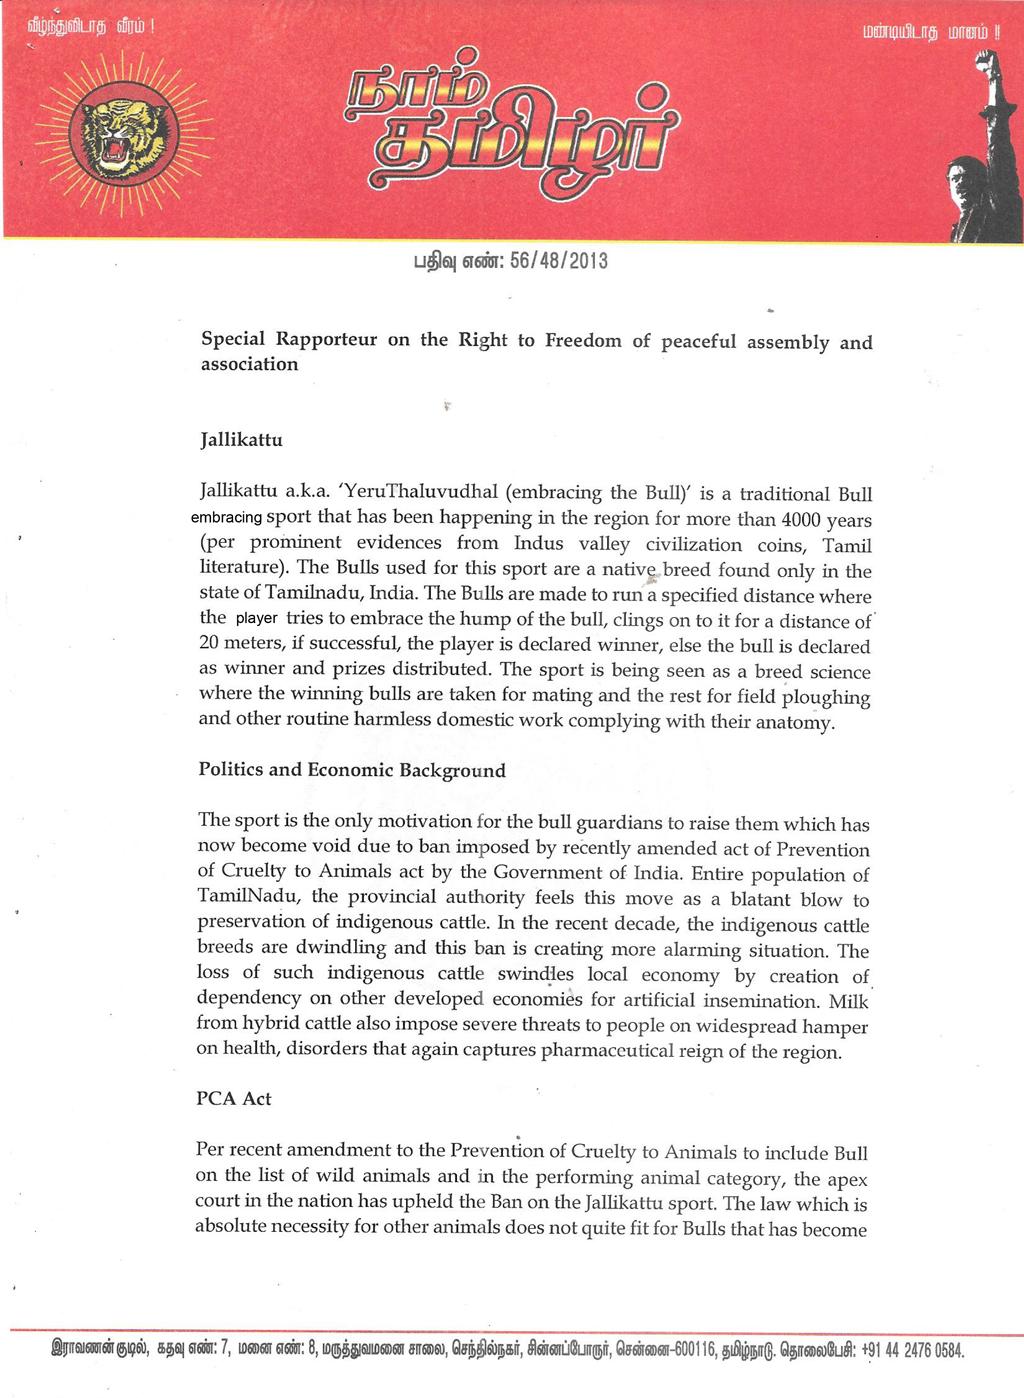 சல்லிக்கட்டு அரச வன்முறை: ஜெனீவா ஐநா மனித உரிமை ஆணையத்திடம் புகார் NTK UNO Jallikattu HRV 1